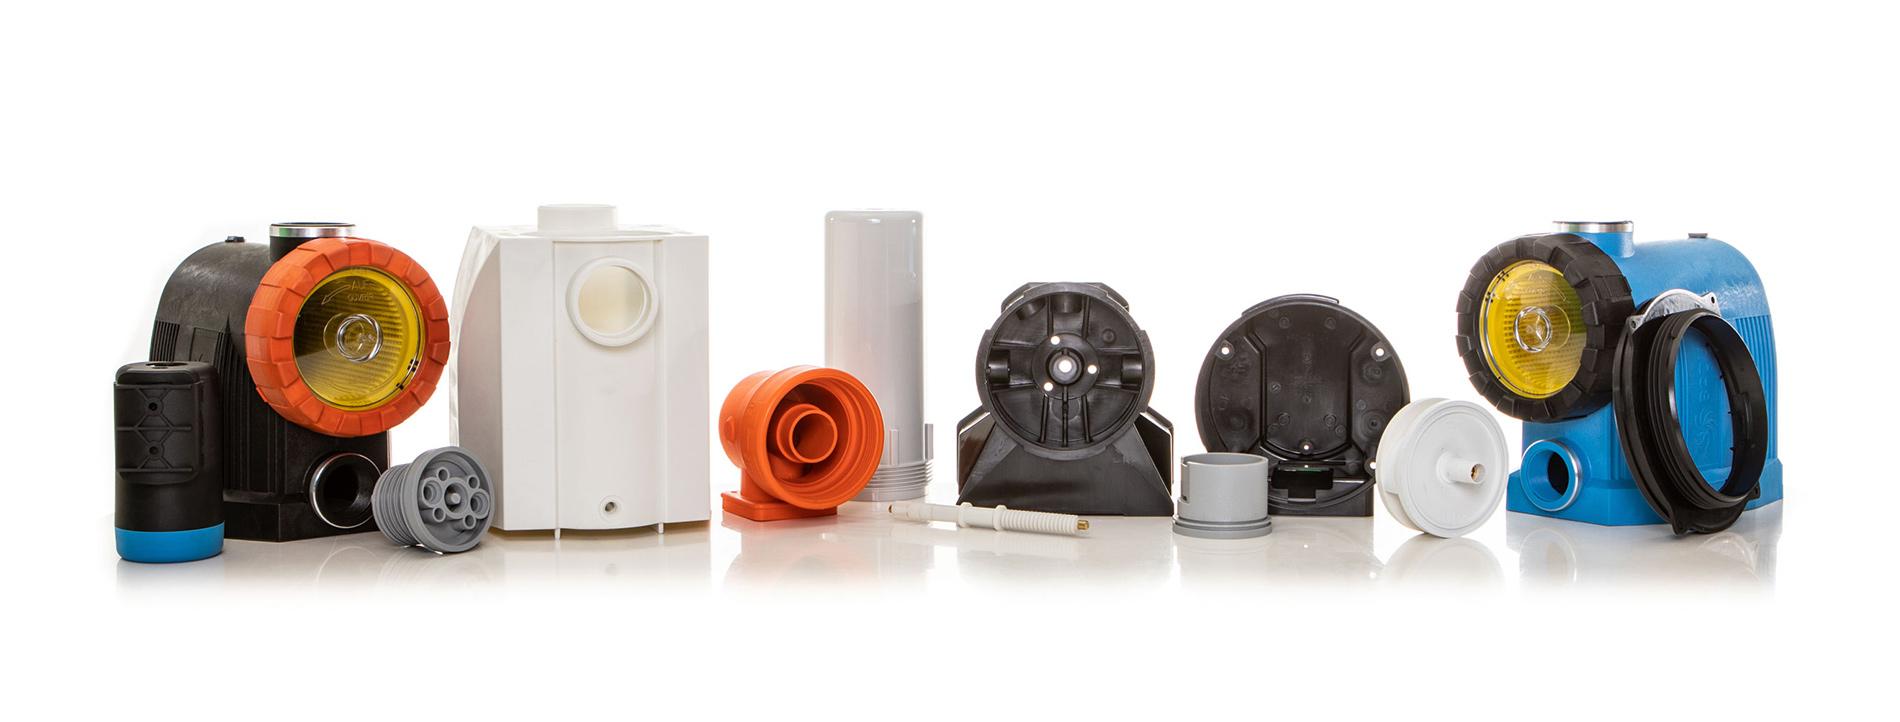 Kunststoffverarbeitung Winter Kunststoff-Einzelteile für Pumpentechnik Filtertechnik